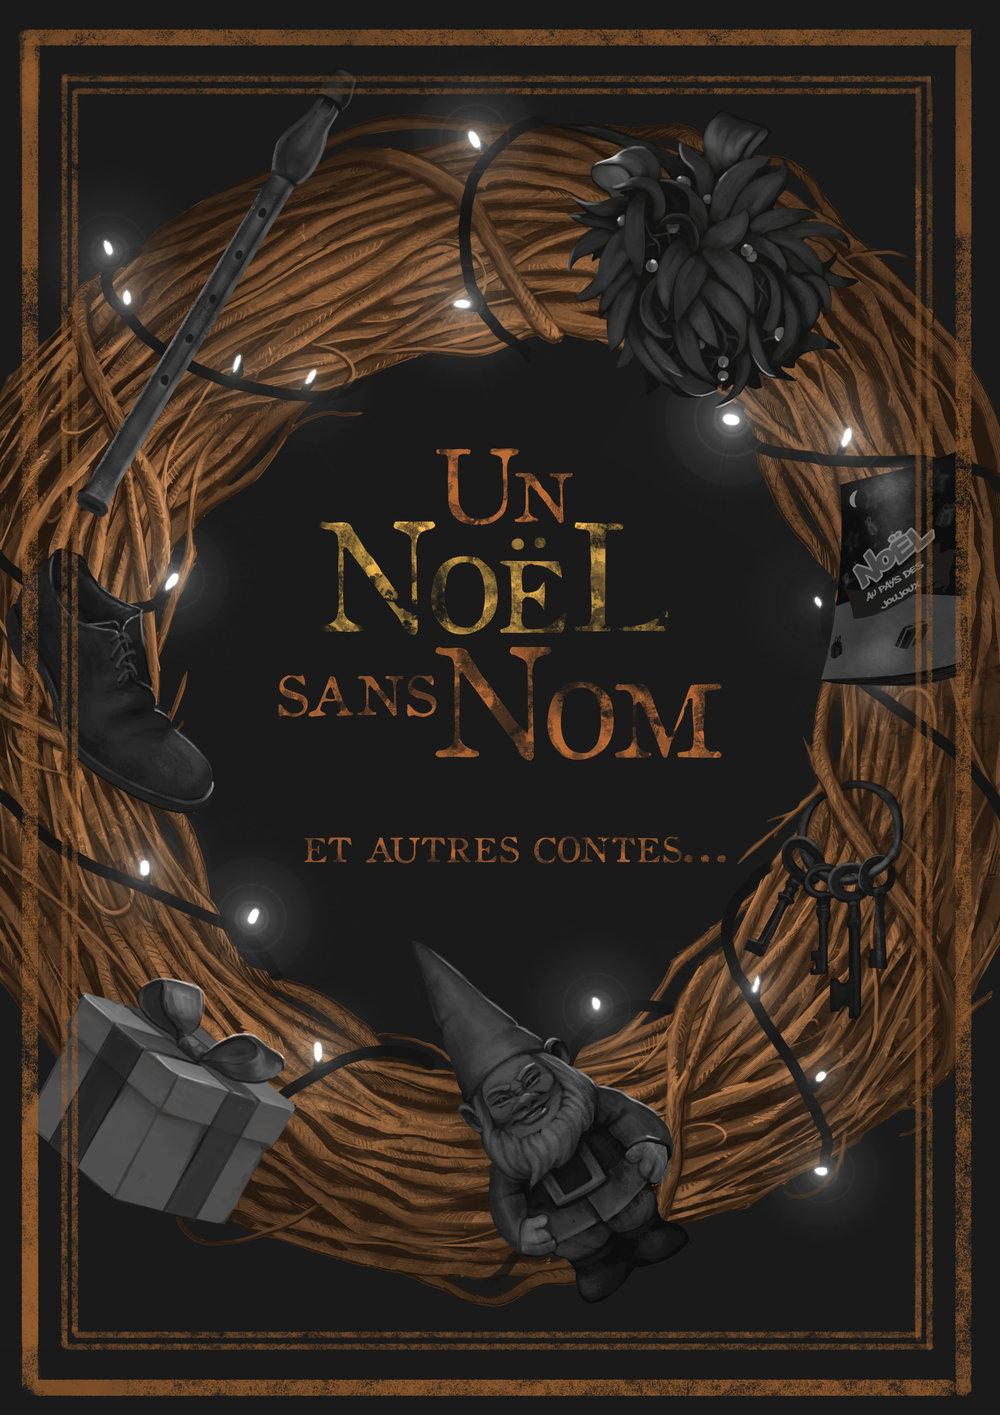 Un Noël sans Nom, et autres contes Recueil de nouvelles, par les auteurs HSN